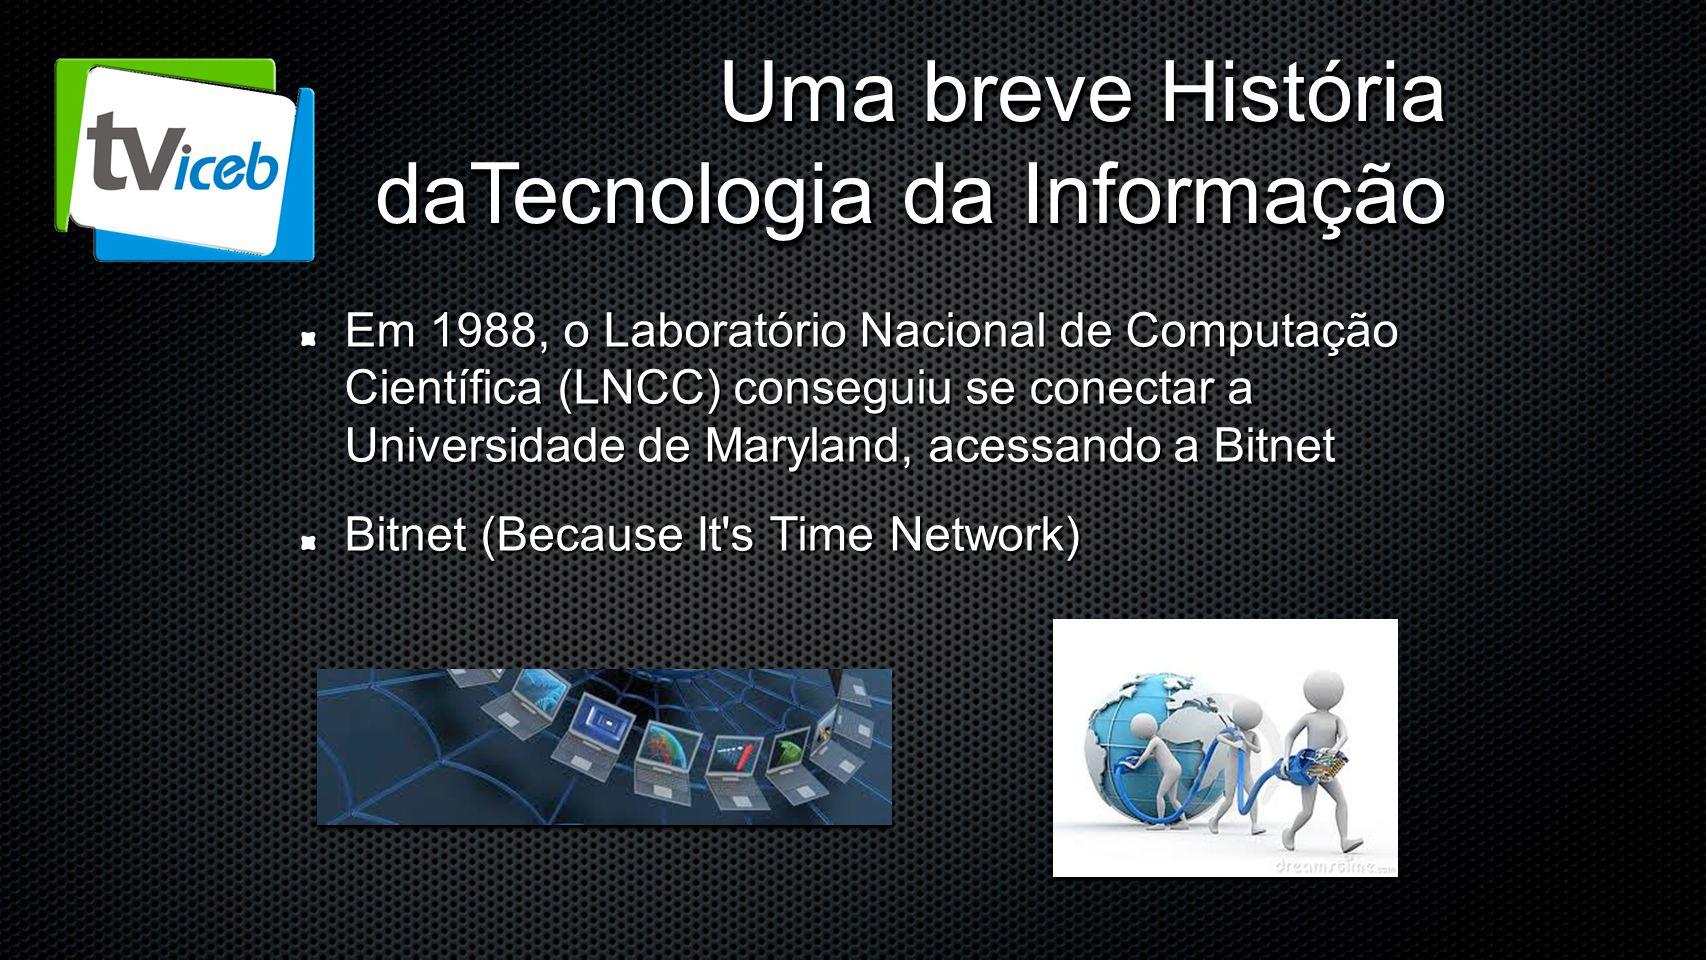 Uma breve História daTecnologia da Informação Em 1988, o Laboratório Nacional de Computação Científica (LNCC) conseguiu se conectar a Universidade de